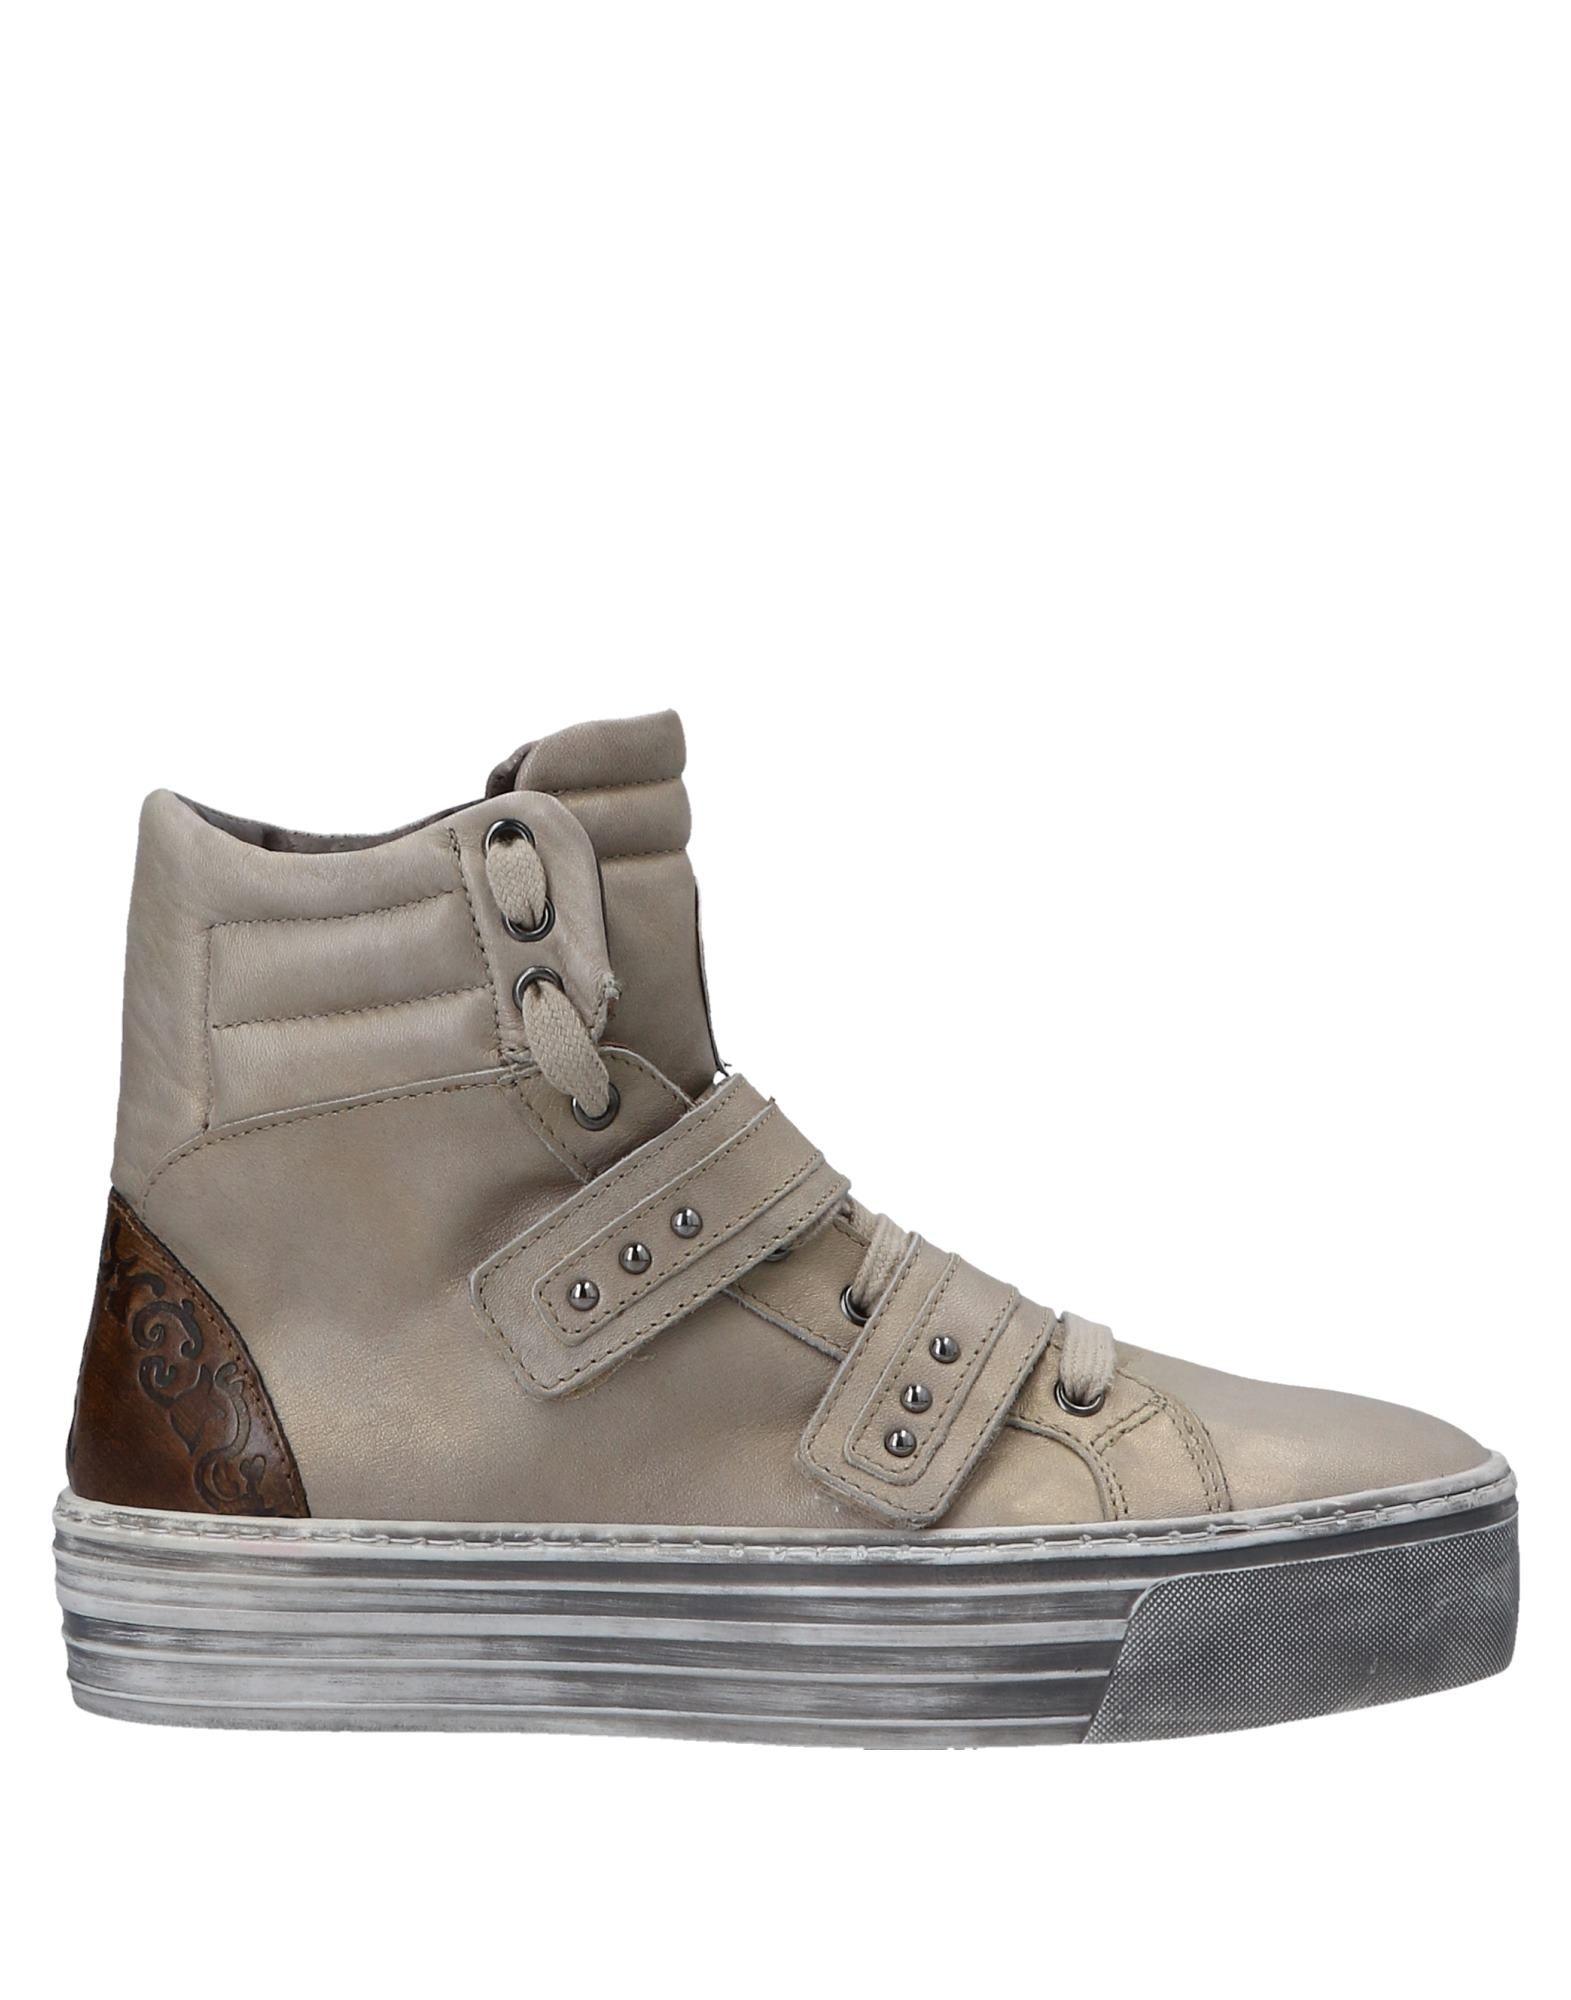 Ldir Sneakers Damen Gutes Preis-Leistungs-Verhältnis, es lohnt sich 829